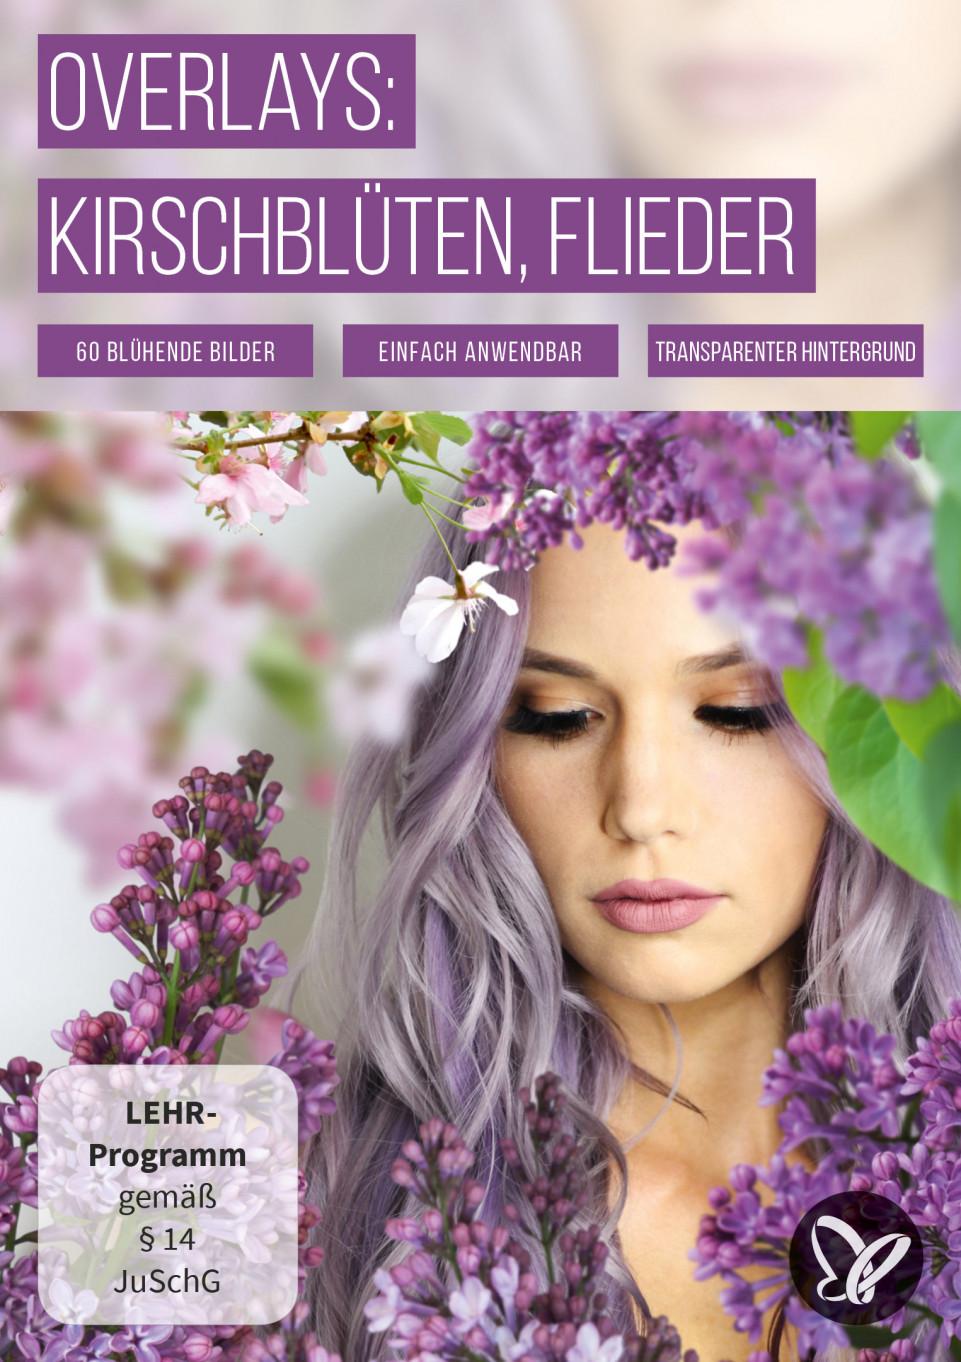 Bilder mit rosa Kirschblüten und lila Flieder vor transparentem Hintergrund